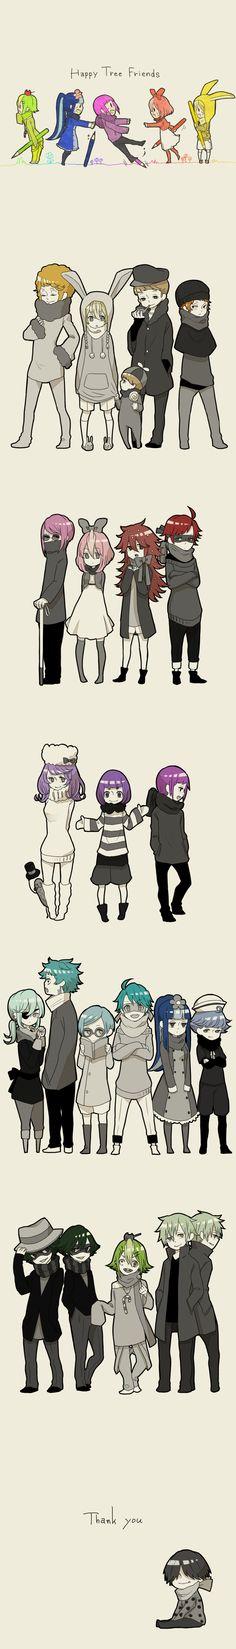 Happy Tree Friends/#1167450 - Zerochan